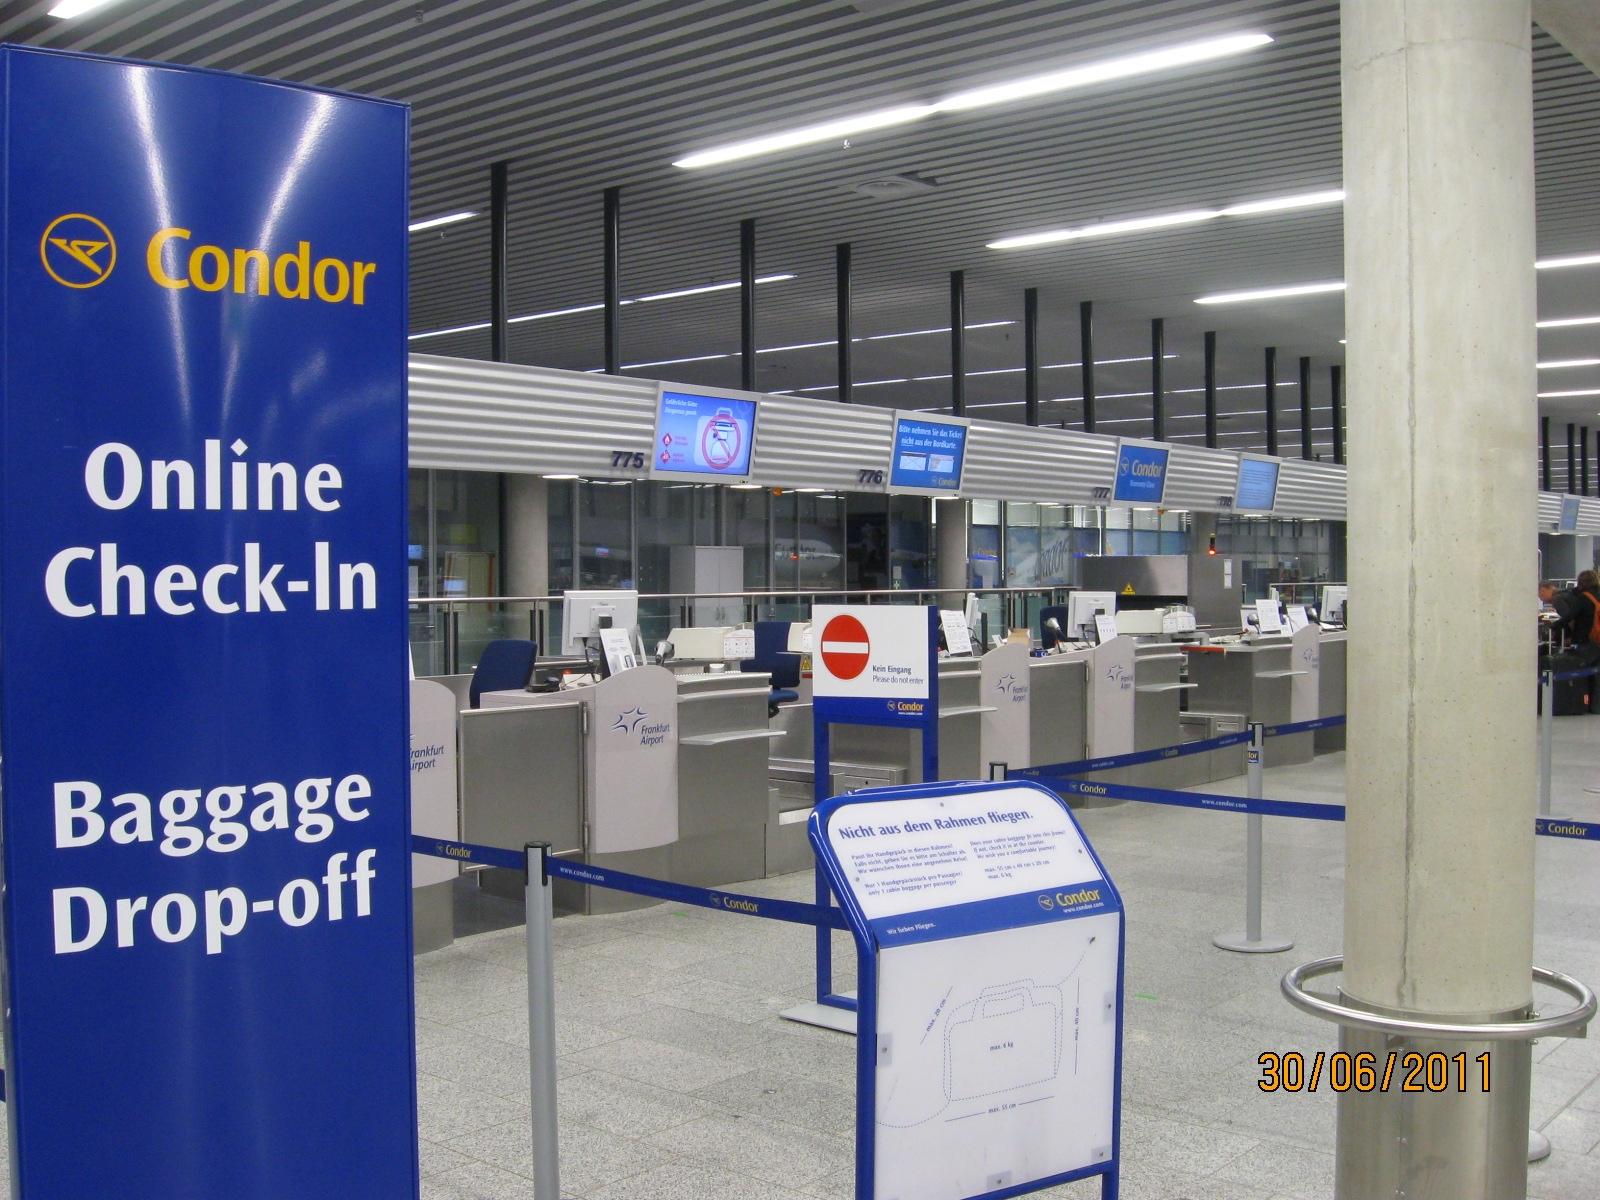 Condor - Condor Online Check-in mit mehr Service: Comfort Check-in